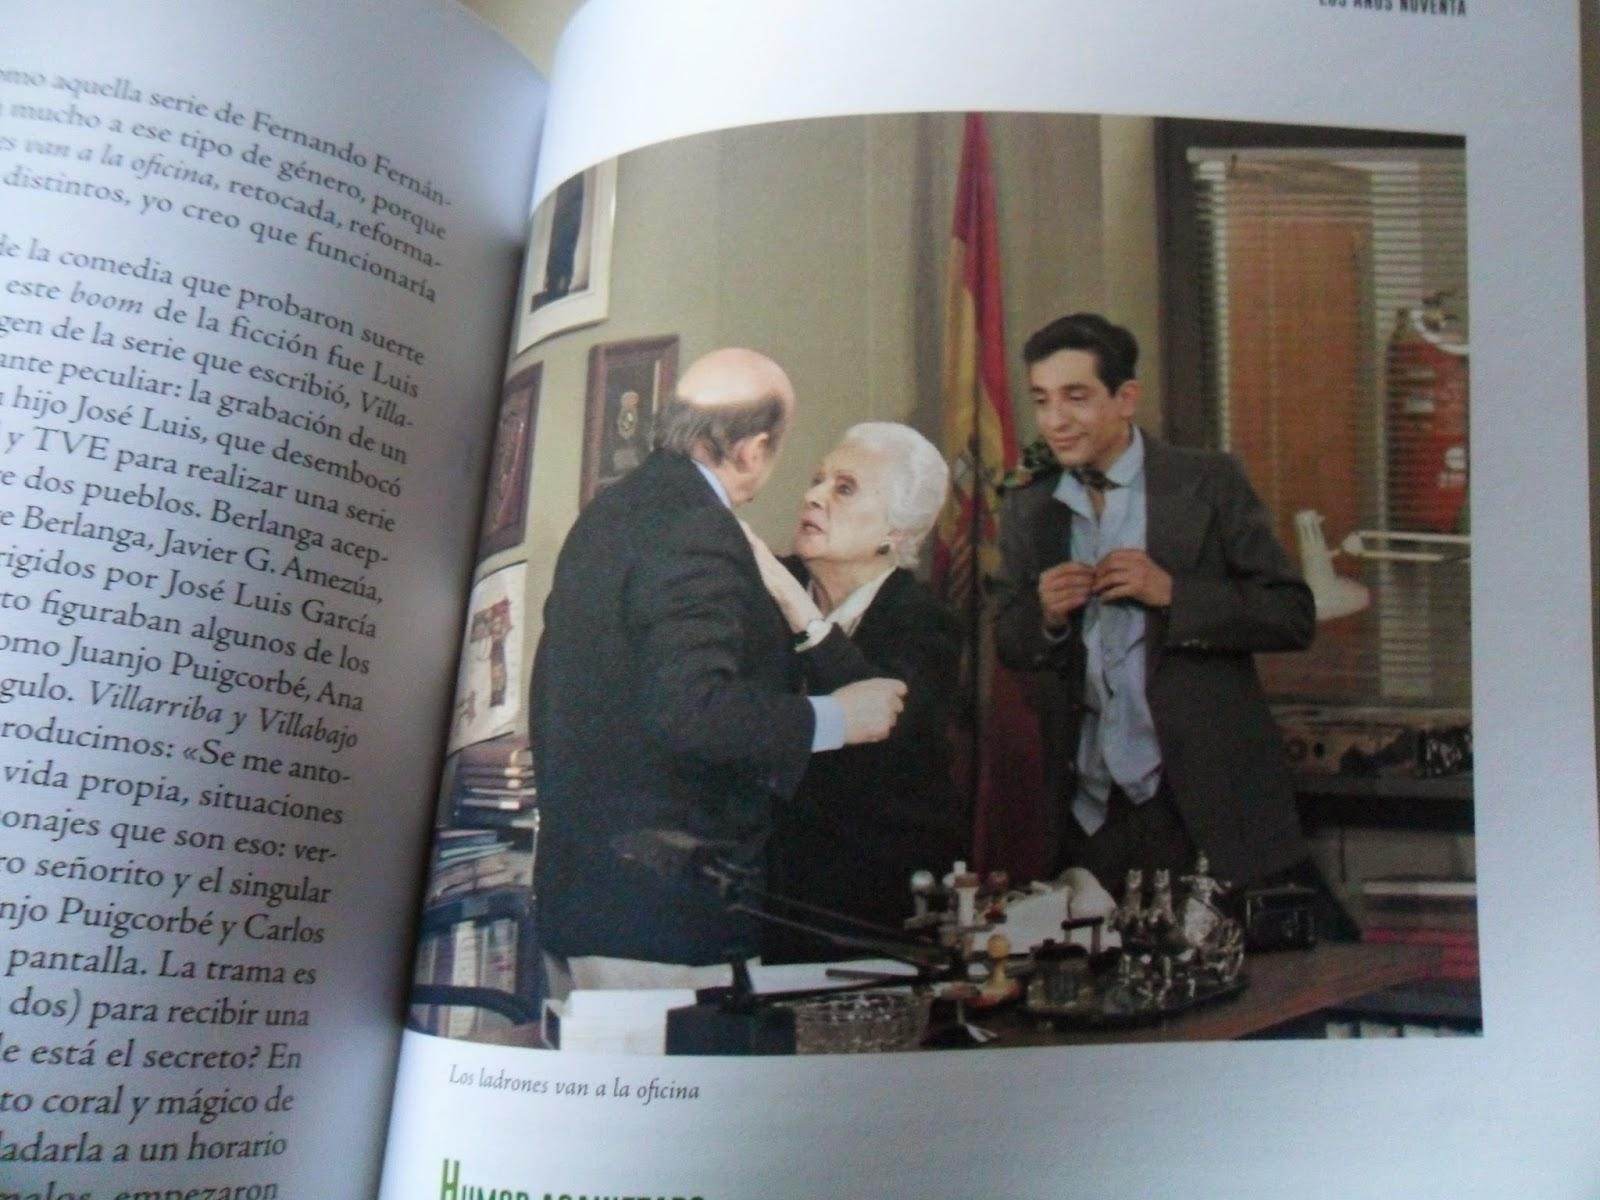 Agustín González, Aurora Redondo y Roberto Cairo en Los ladrones van a la oficina, España en serie